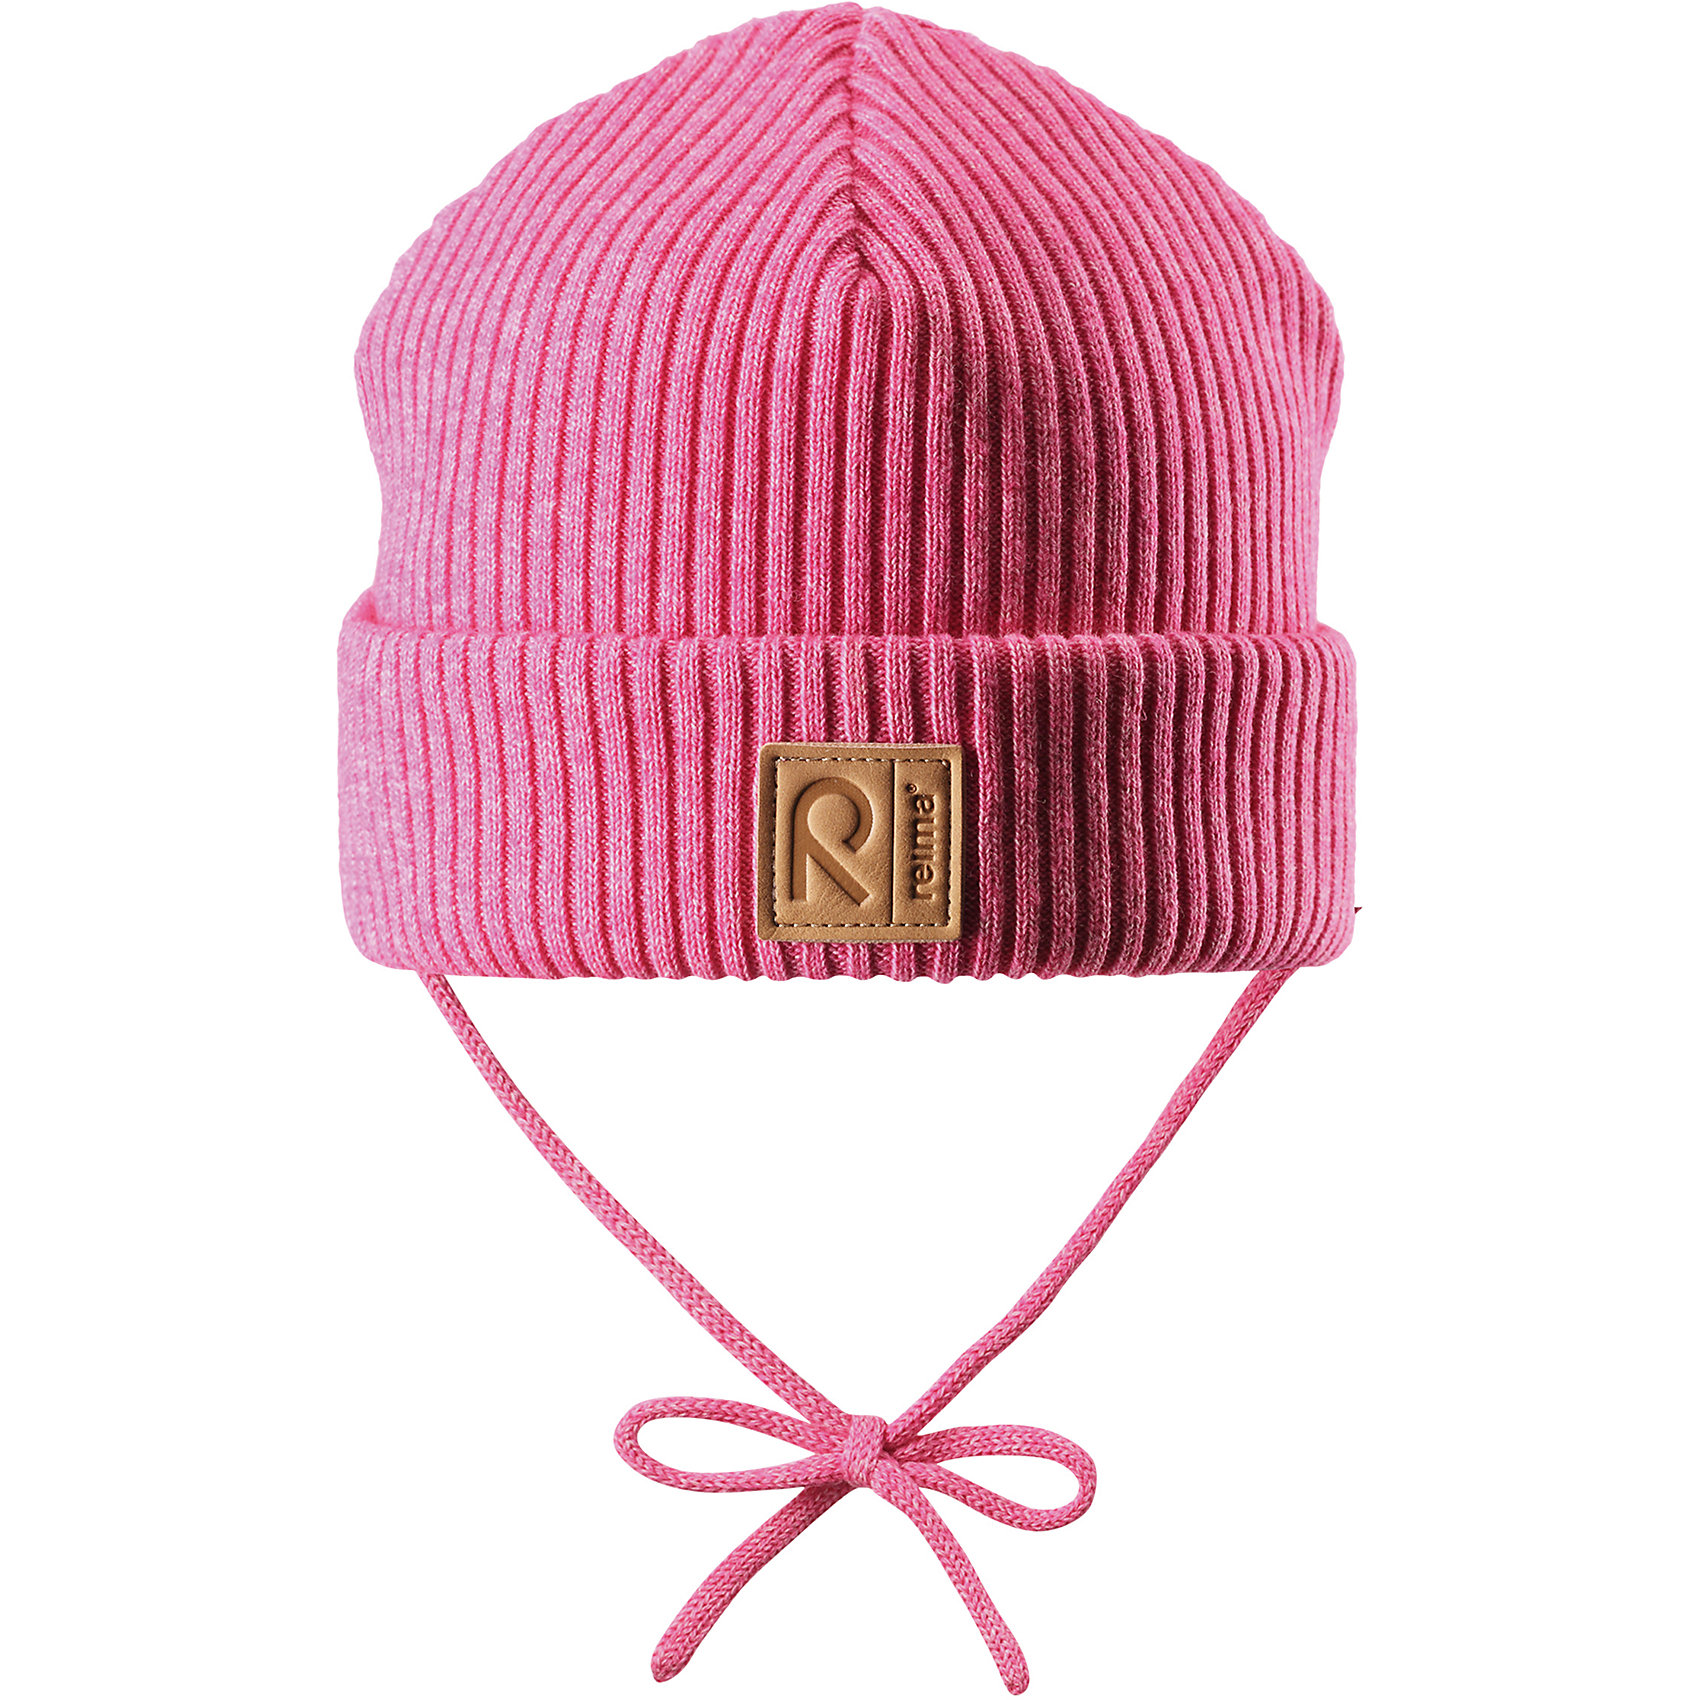 Шапка Reima KastanjaШапочки<br>Новинка сезона: шапка для малышей, которая идеально подойдет для ветреной осенней погоды. Шапка сшита из хлопка и шерсти, благодаря плотному материалу и ветронепроницаемым вставкам она надежно защищает кроху от ветра. Завязки и интересный структурный узор создают свежий образ!<br>Состав:<br>85% Хлопок, 15% Шерсть<br><br>Ширина мм: 89<br>Глубина мм: 117<br>Высота мм: 44<br>Вес г: 155<br>Цвет: розовый<br>Возраст от месяцев: 36<br>Возраст до месяцев: 48<br>Пол: Унисекс<br>Возраст: Детский<br>Размер: 46-48,50-52<br>SKU: 6906946